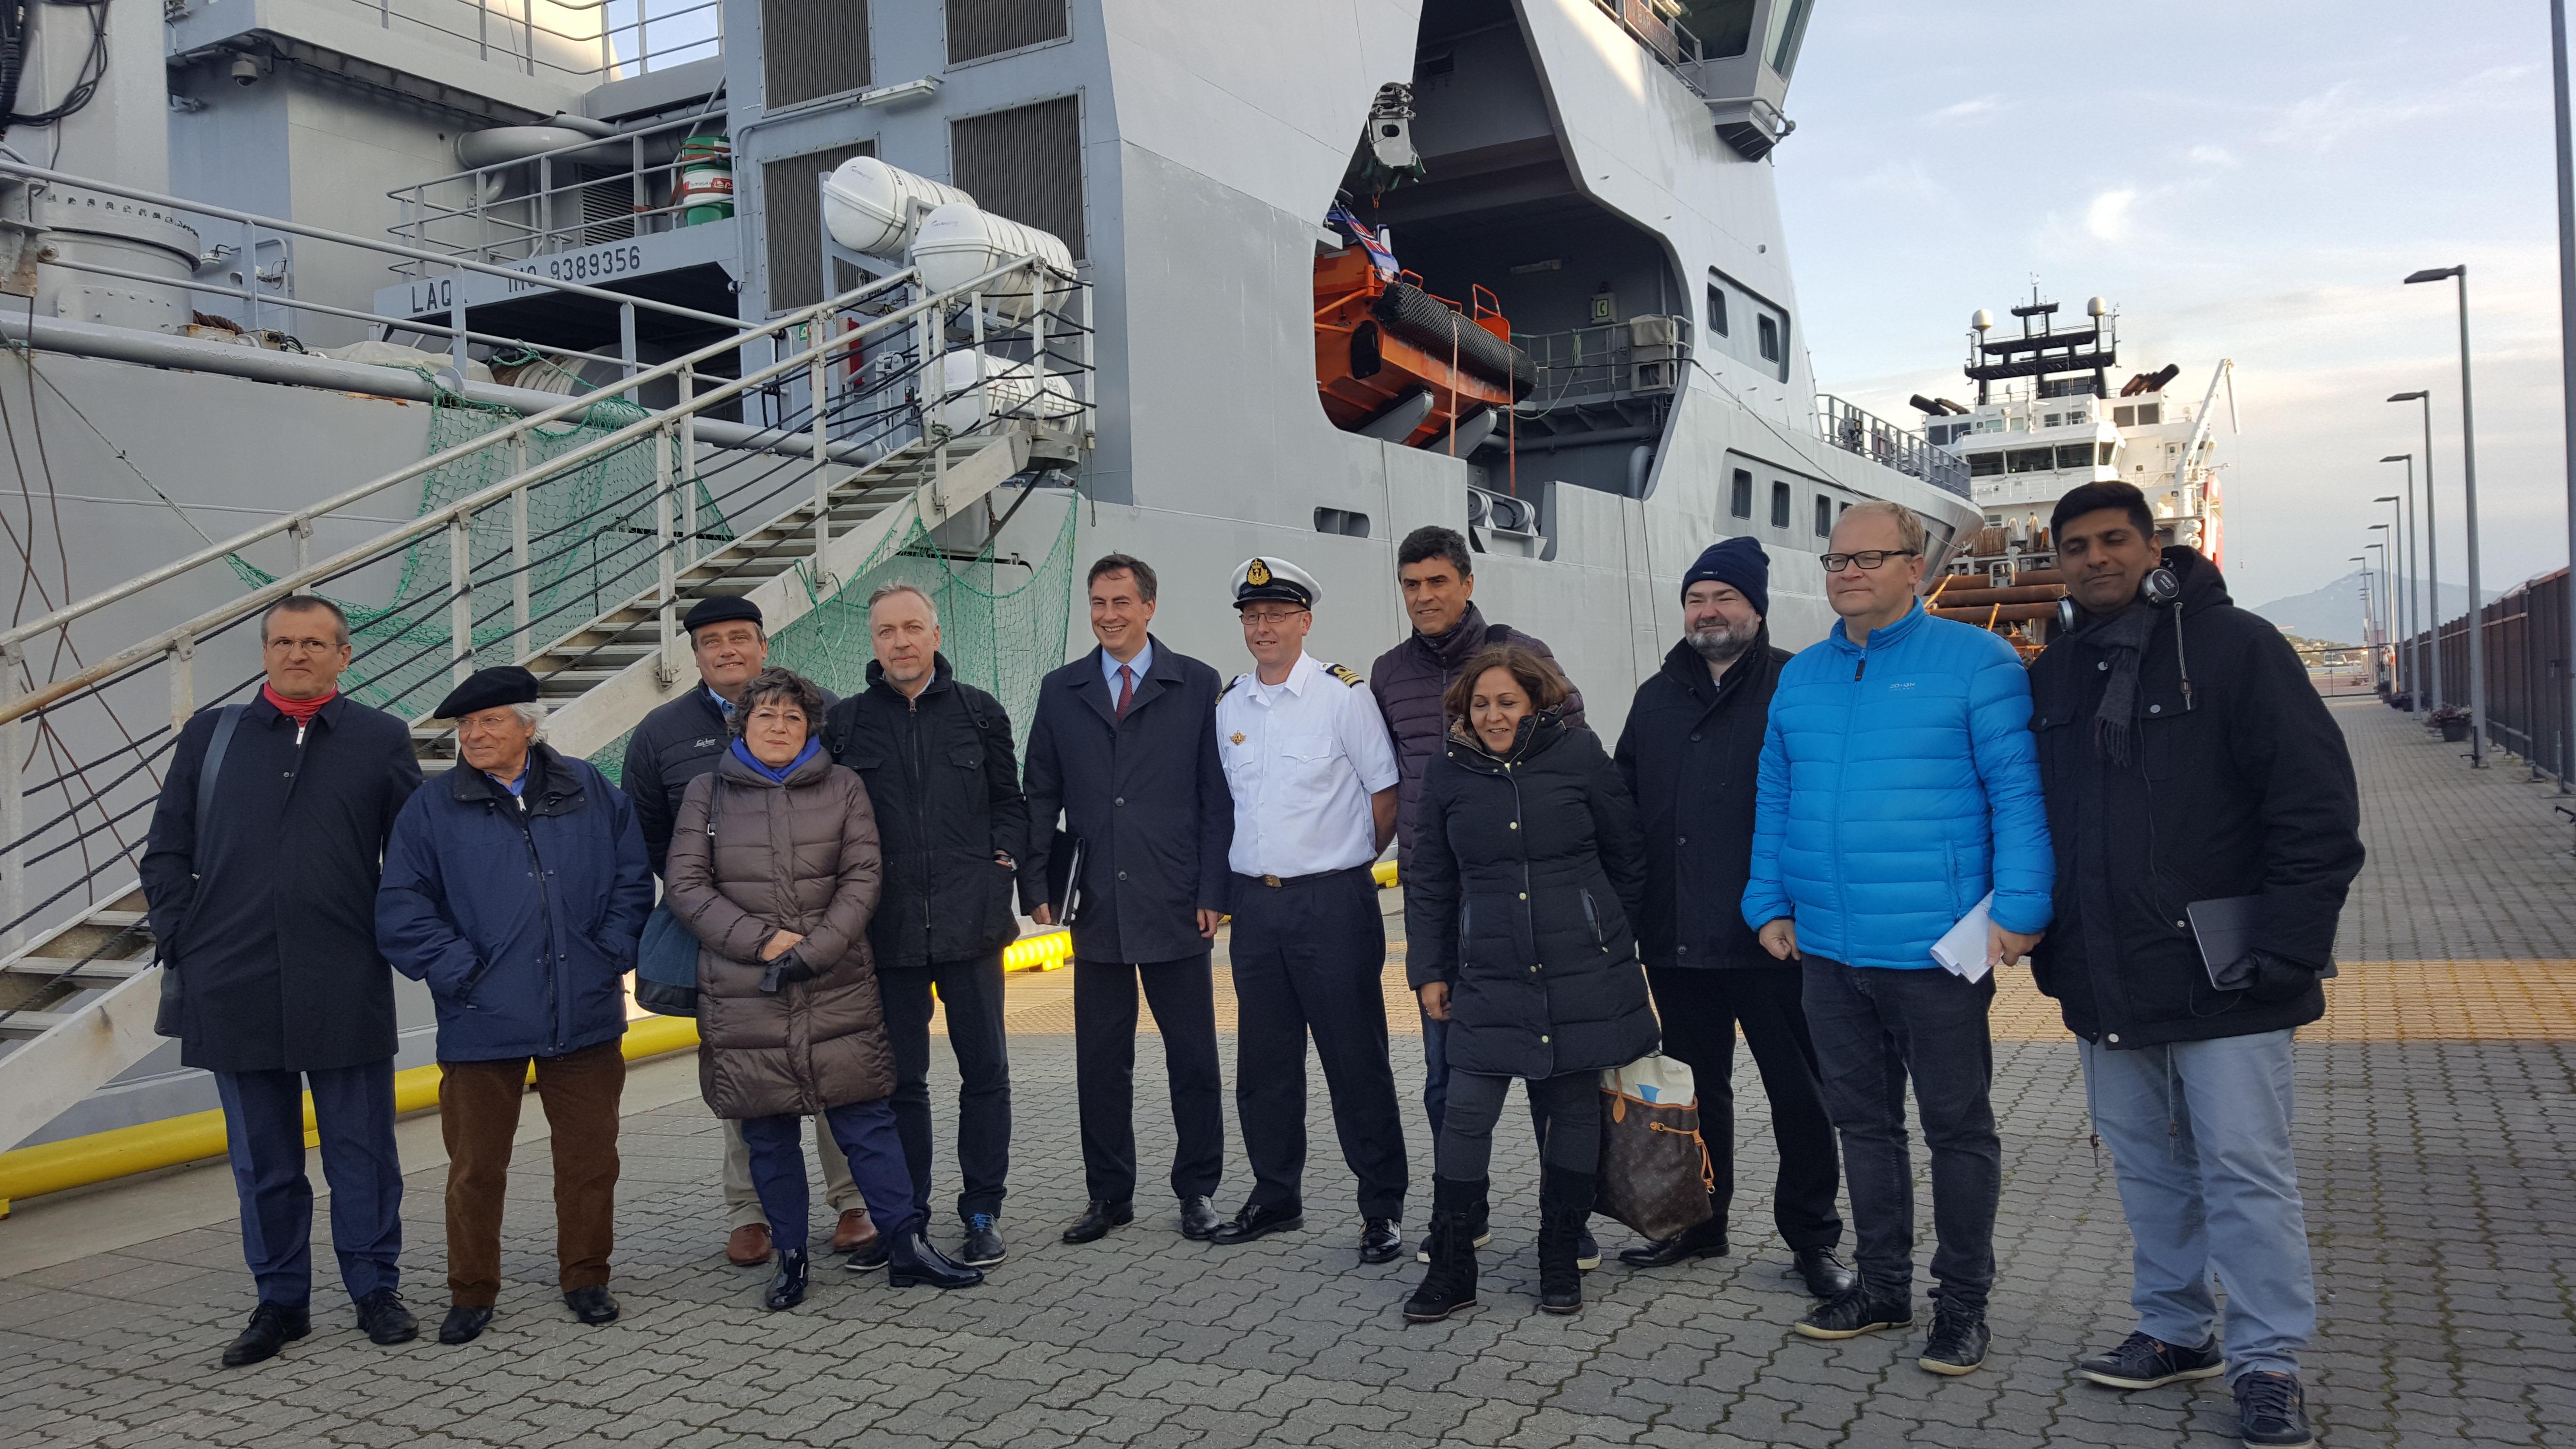 AFET delegation with Frode Urke, Commanding Officer of the Coast Guard patrol vessel KV Barentshav